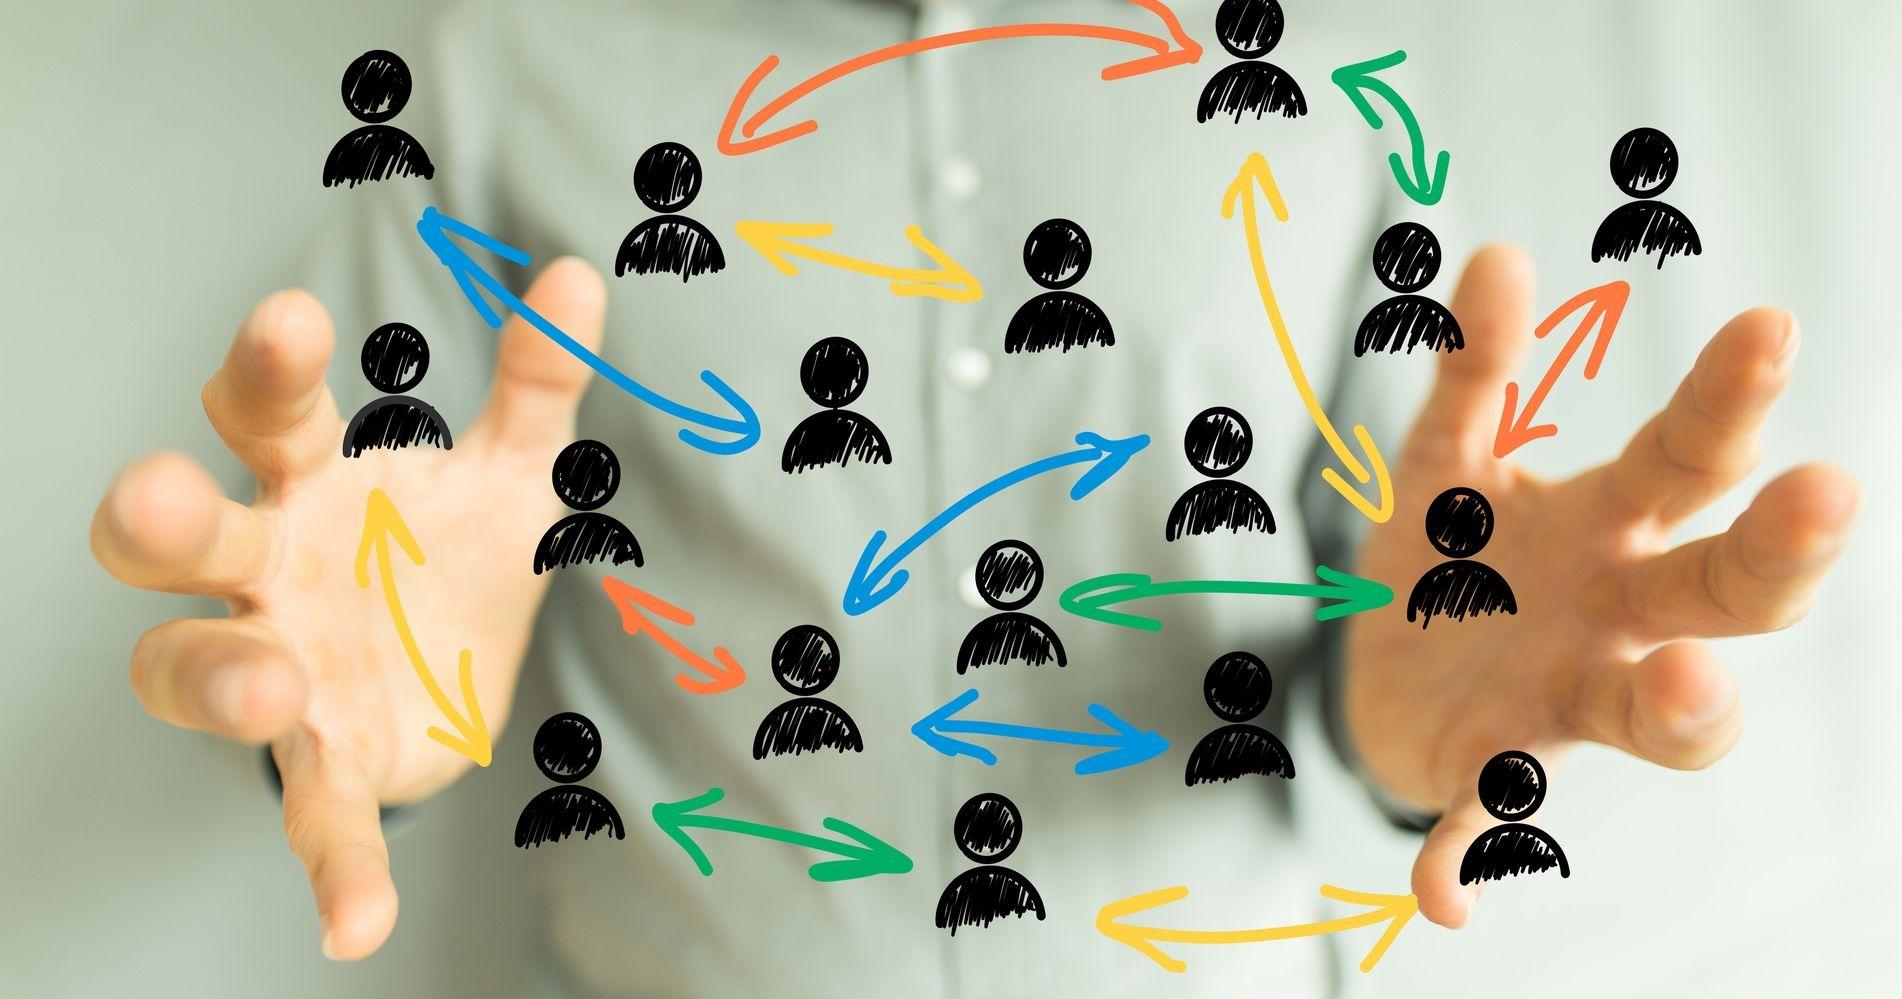 Le concept de l'affiliation marketing